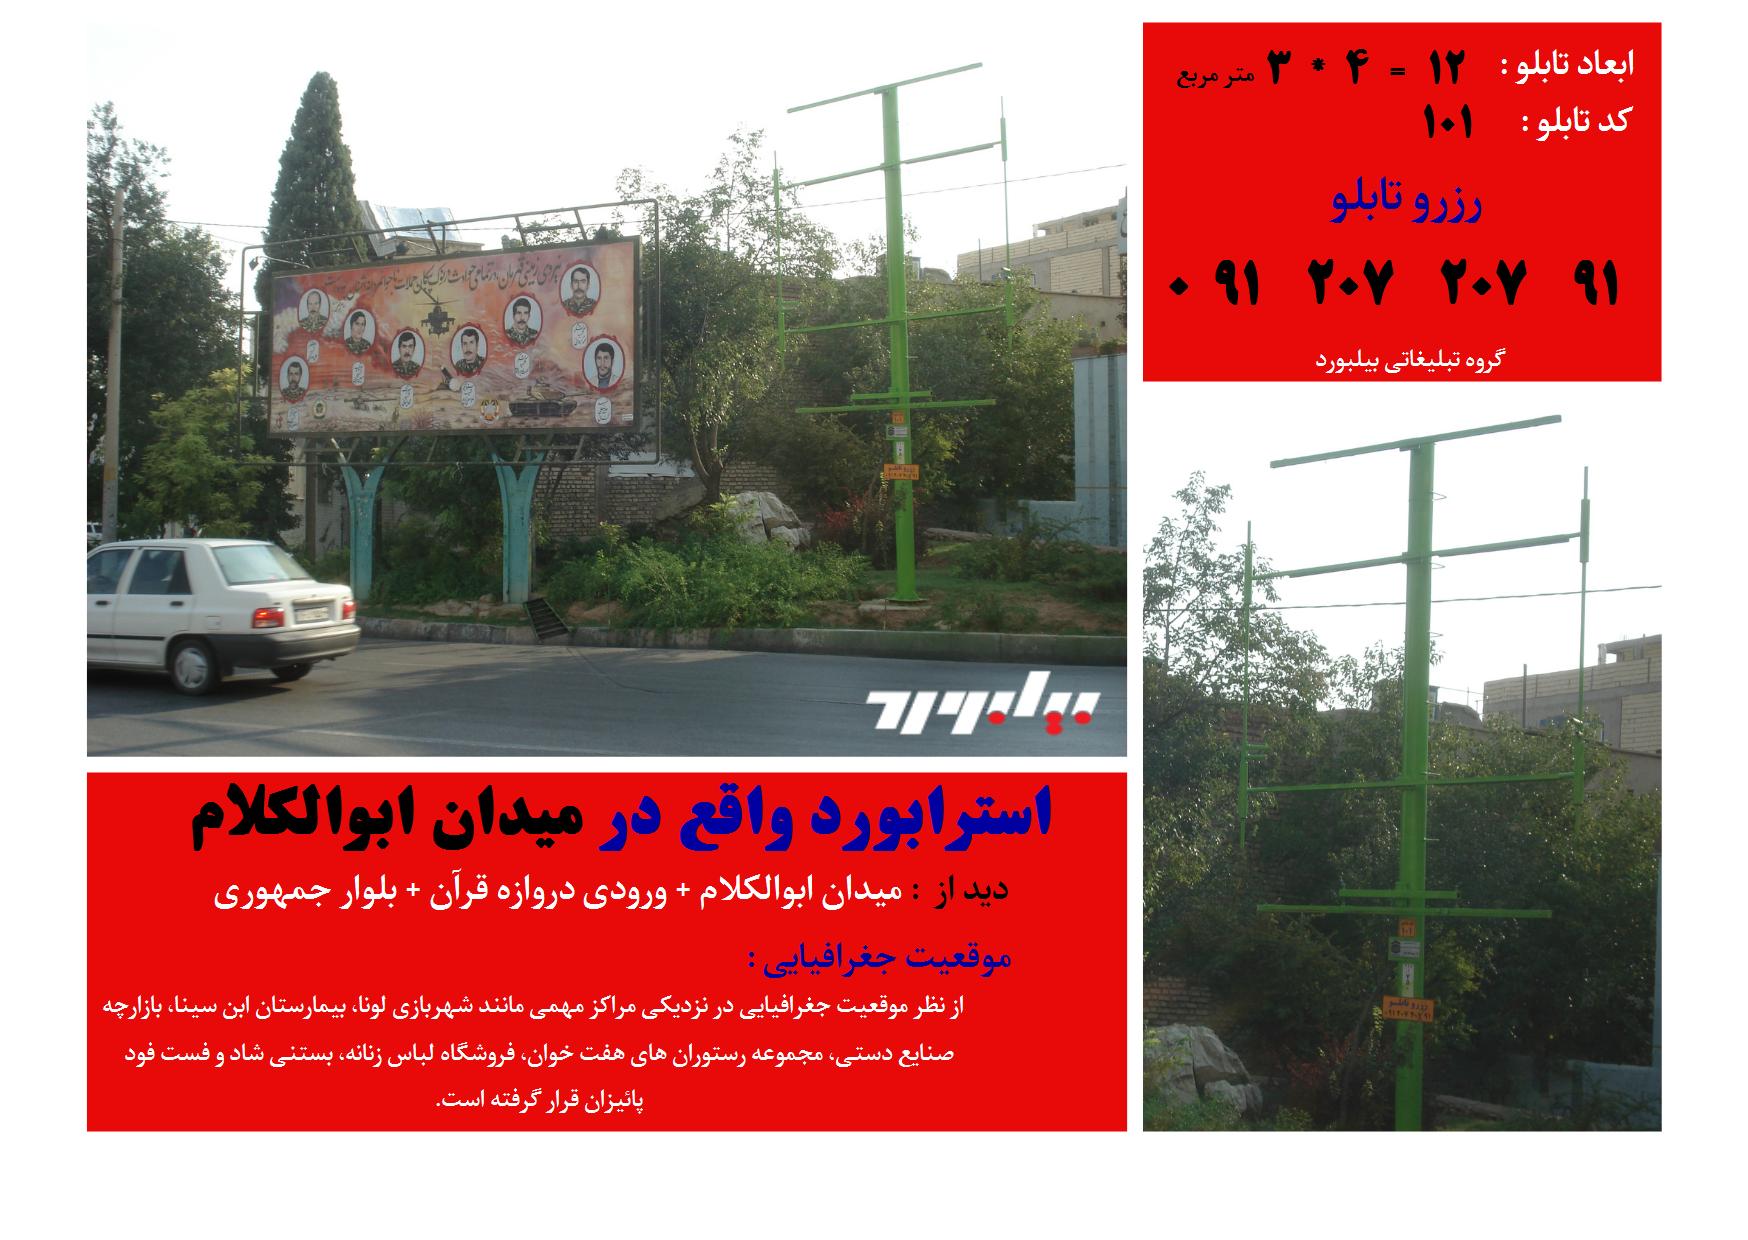 اجاره و رزرو تابلو تبلیغاتی در شیراز|تبلیغات|فارس شیراز|ثبت آگهی رایگان - بیلبورد